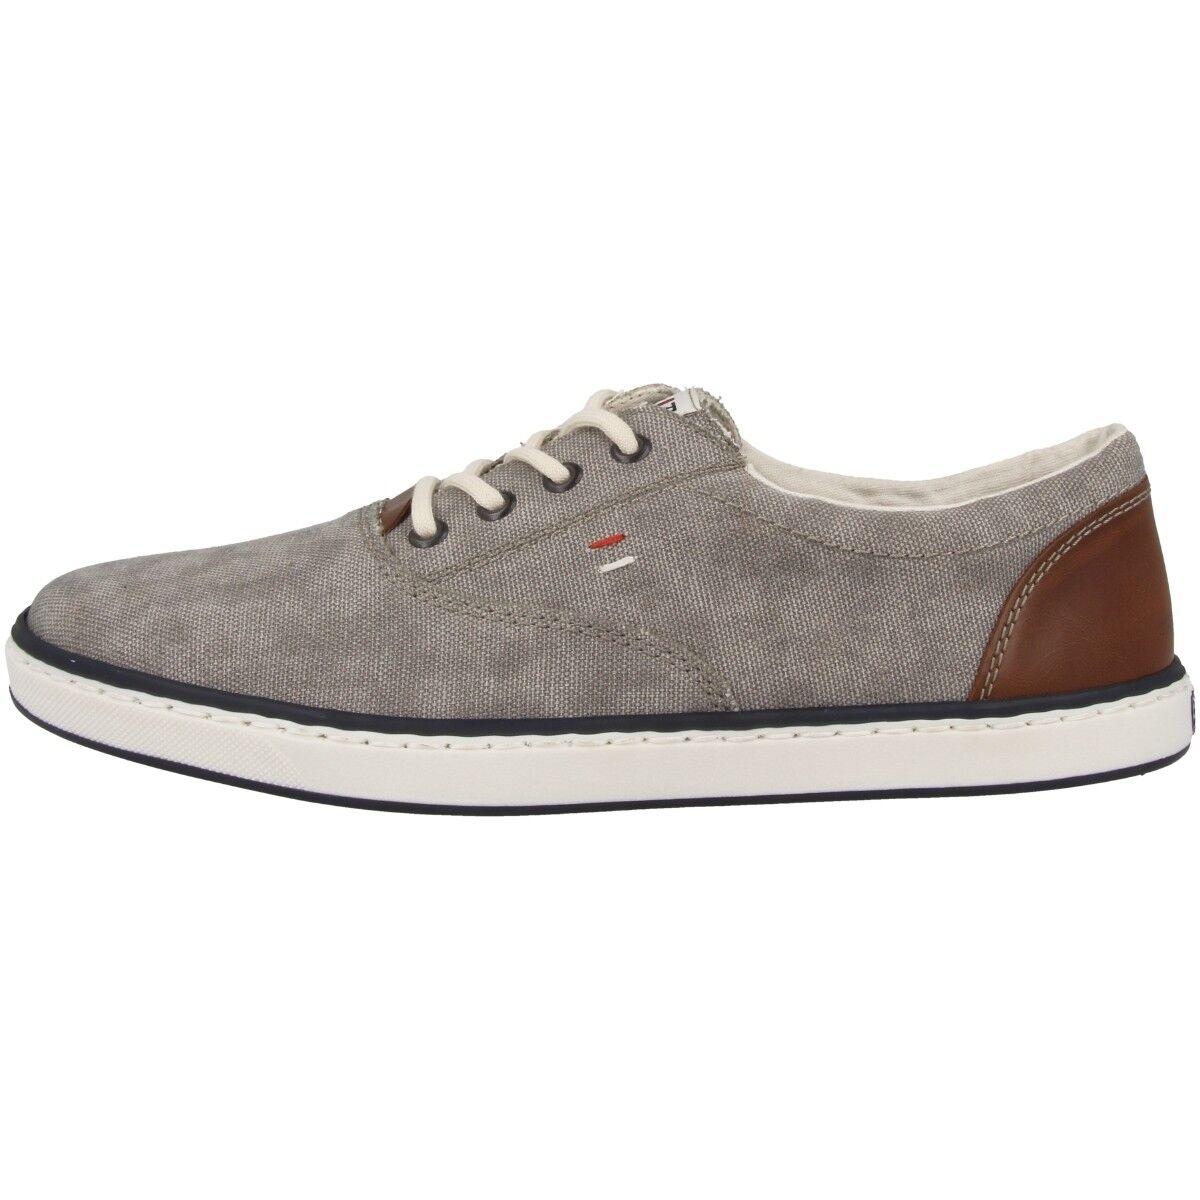 Rieker Canvas Bologna Men ´S shoes Men's Leisure Sports Trainers Grey 19650-40